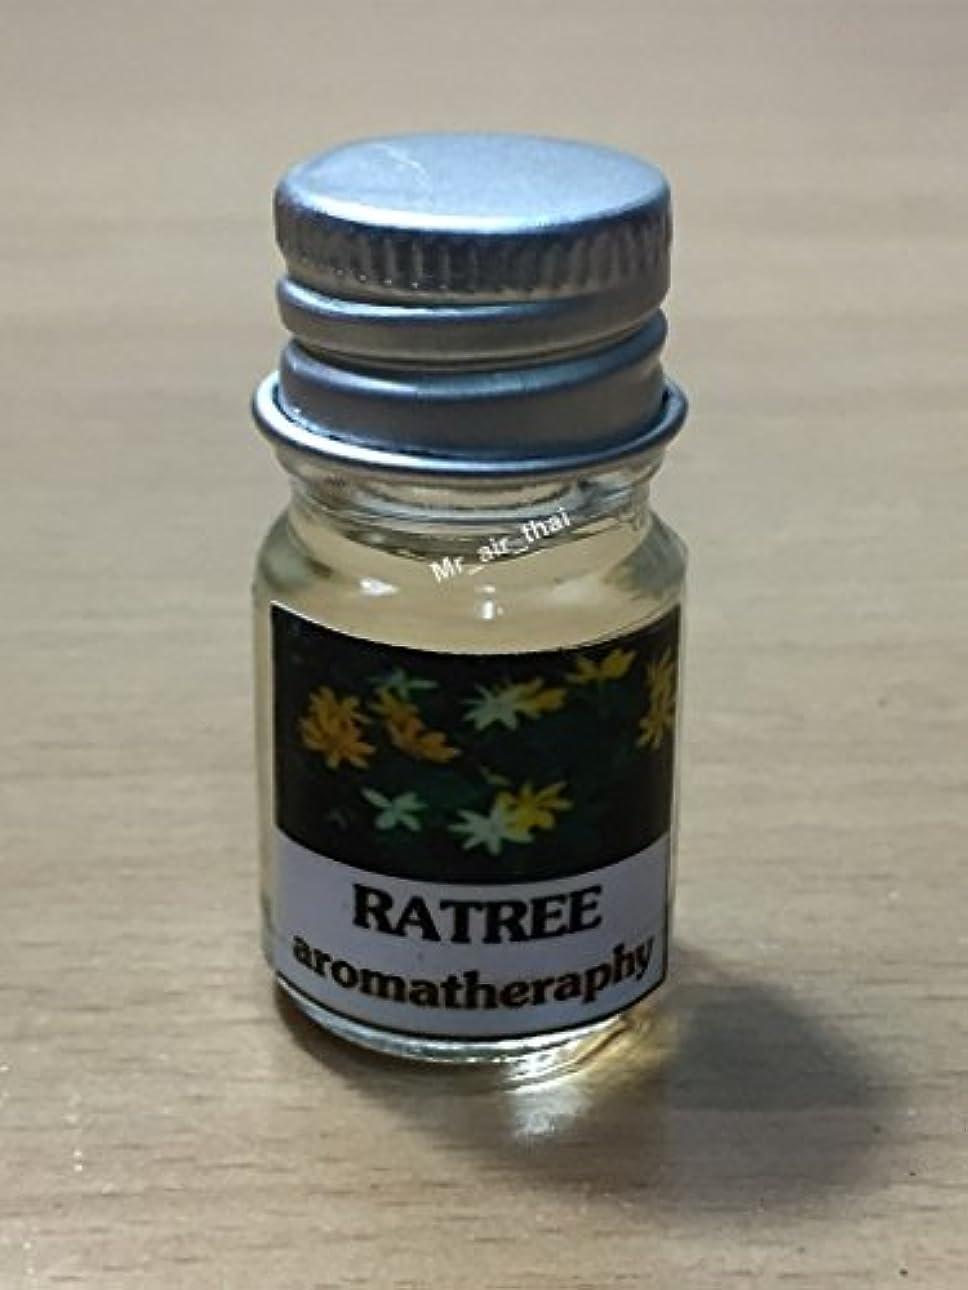 陰気アボートソブリケット5ミリリットルアロマRatreeフランクインセンスエッセンシャルオイルボトルアロマテラピーオイル自然自然5ml Aroma Ratree Frankincense Essential Oil Bottles Aromatherapy...